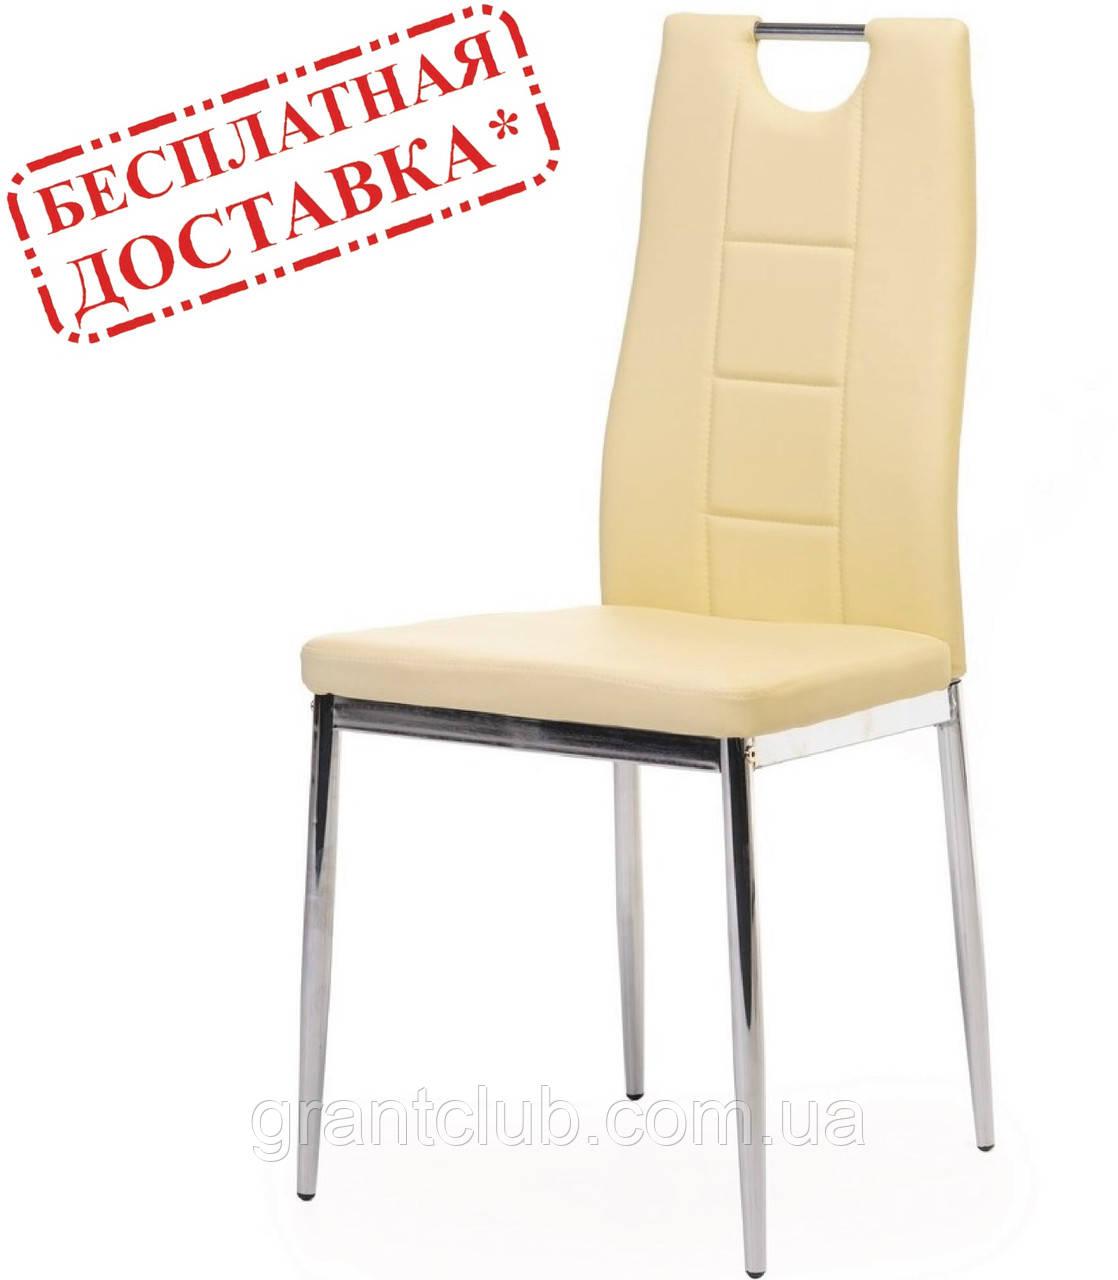 М'який стілець N-67 бежевий кожзам Vetro Mebel (безкоштовна доставка)